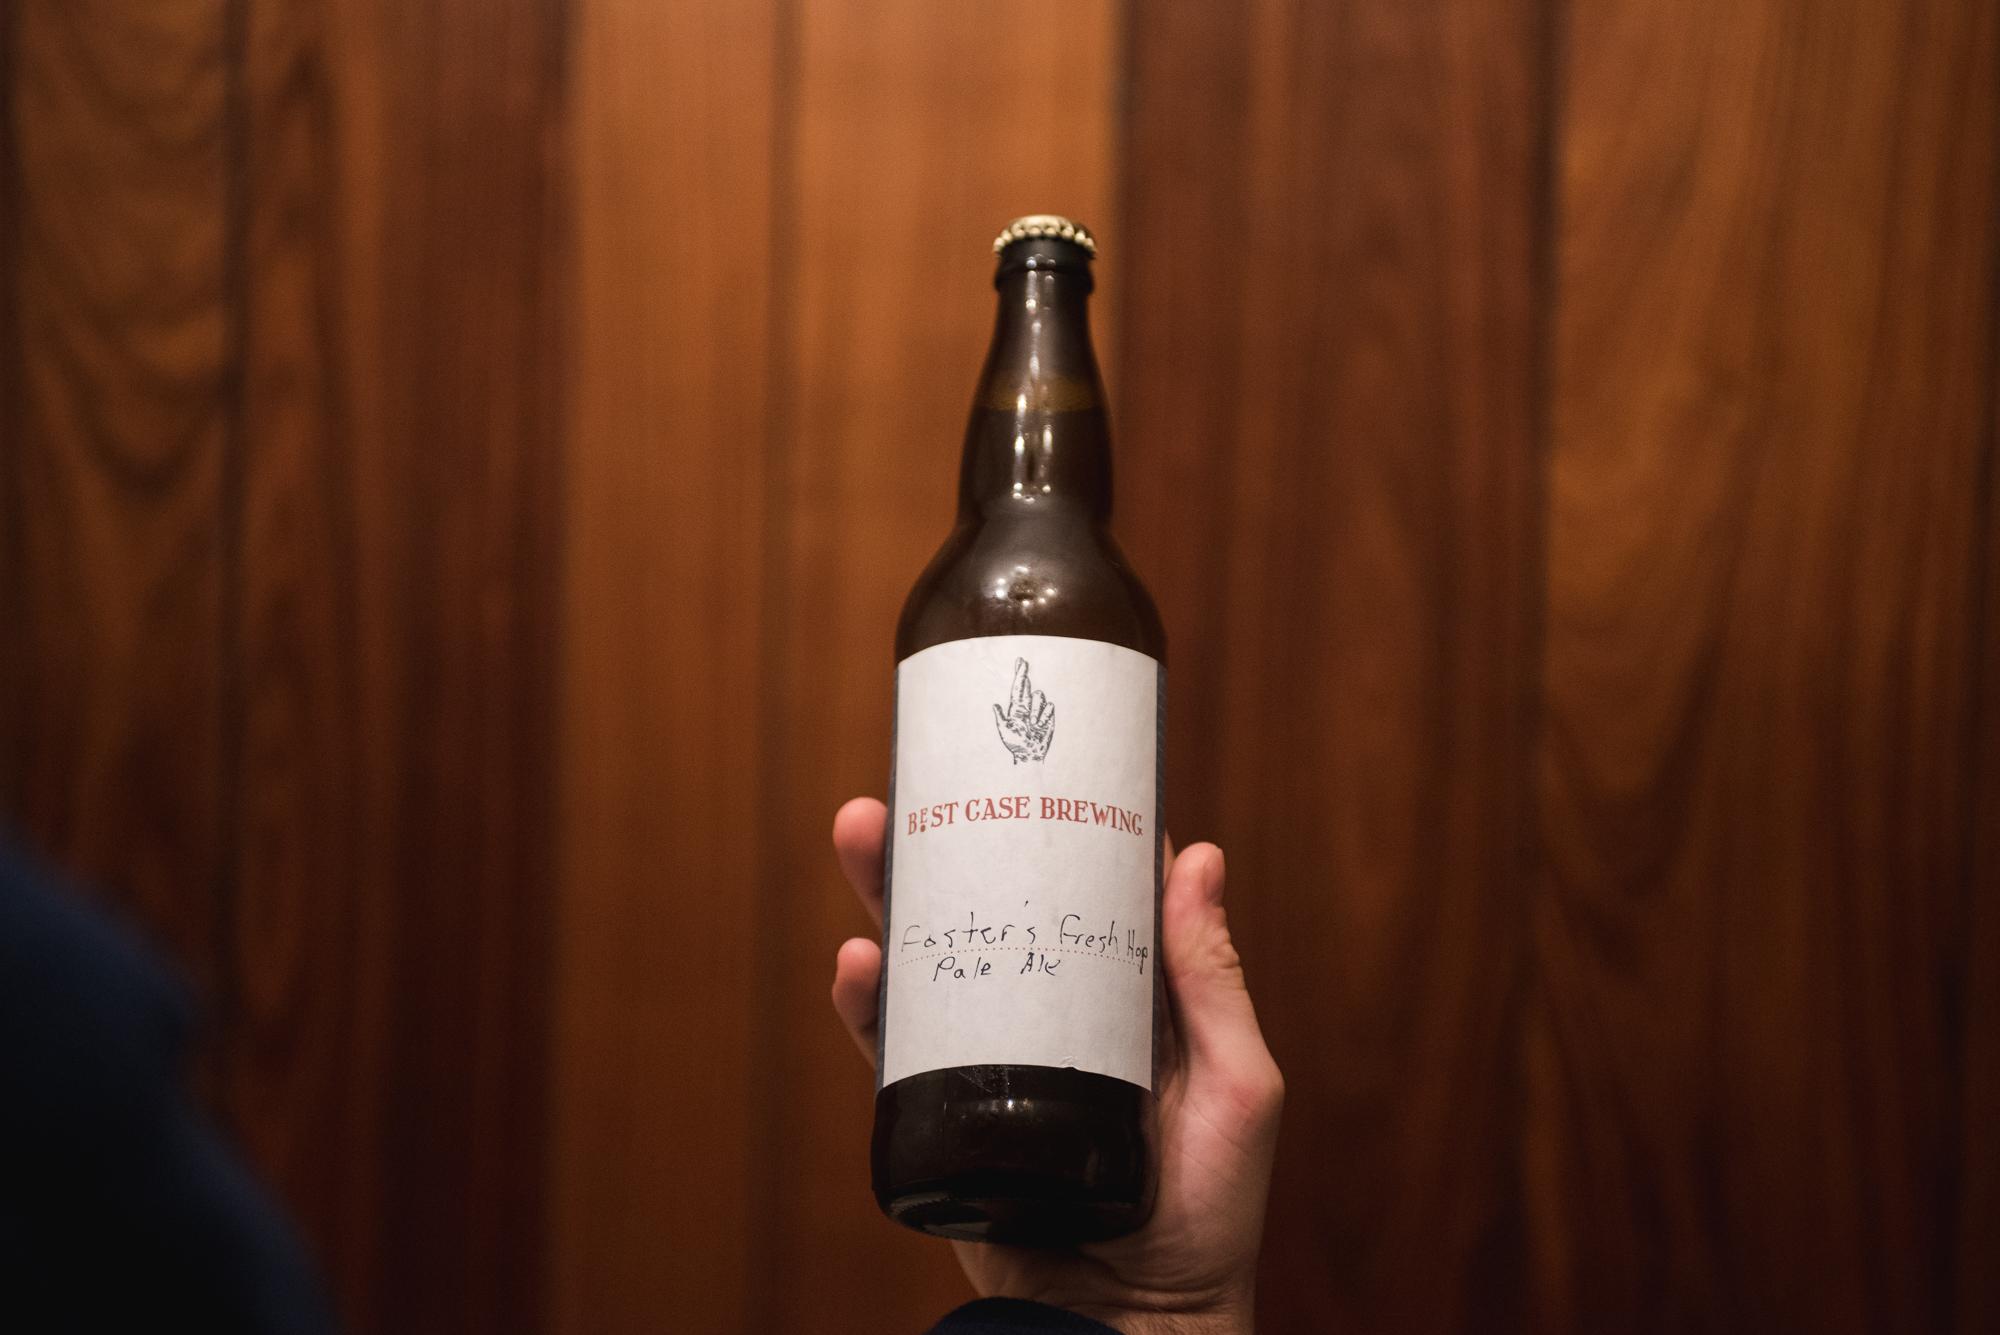 Best Case Brewing Fresh Hop Pale Ale vanpours Casey Foster